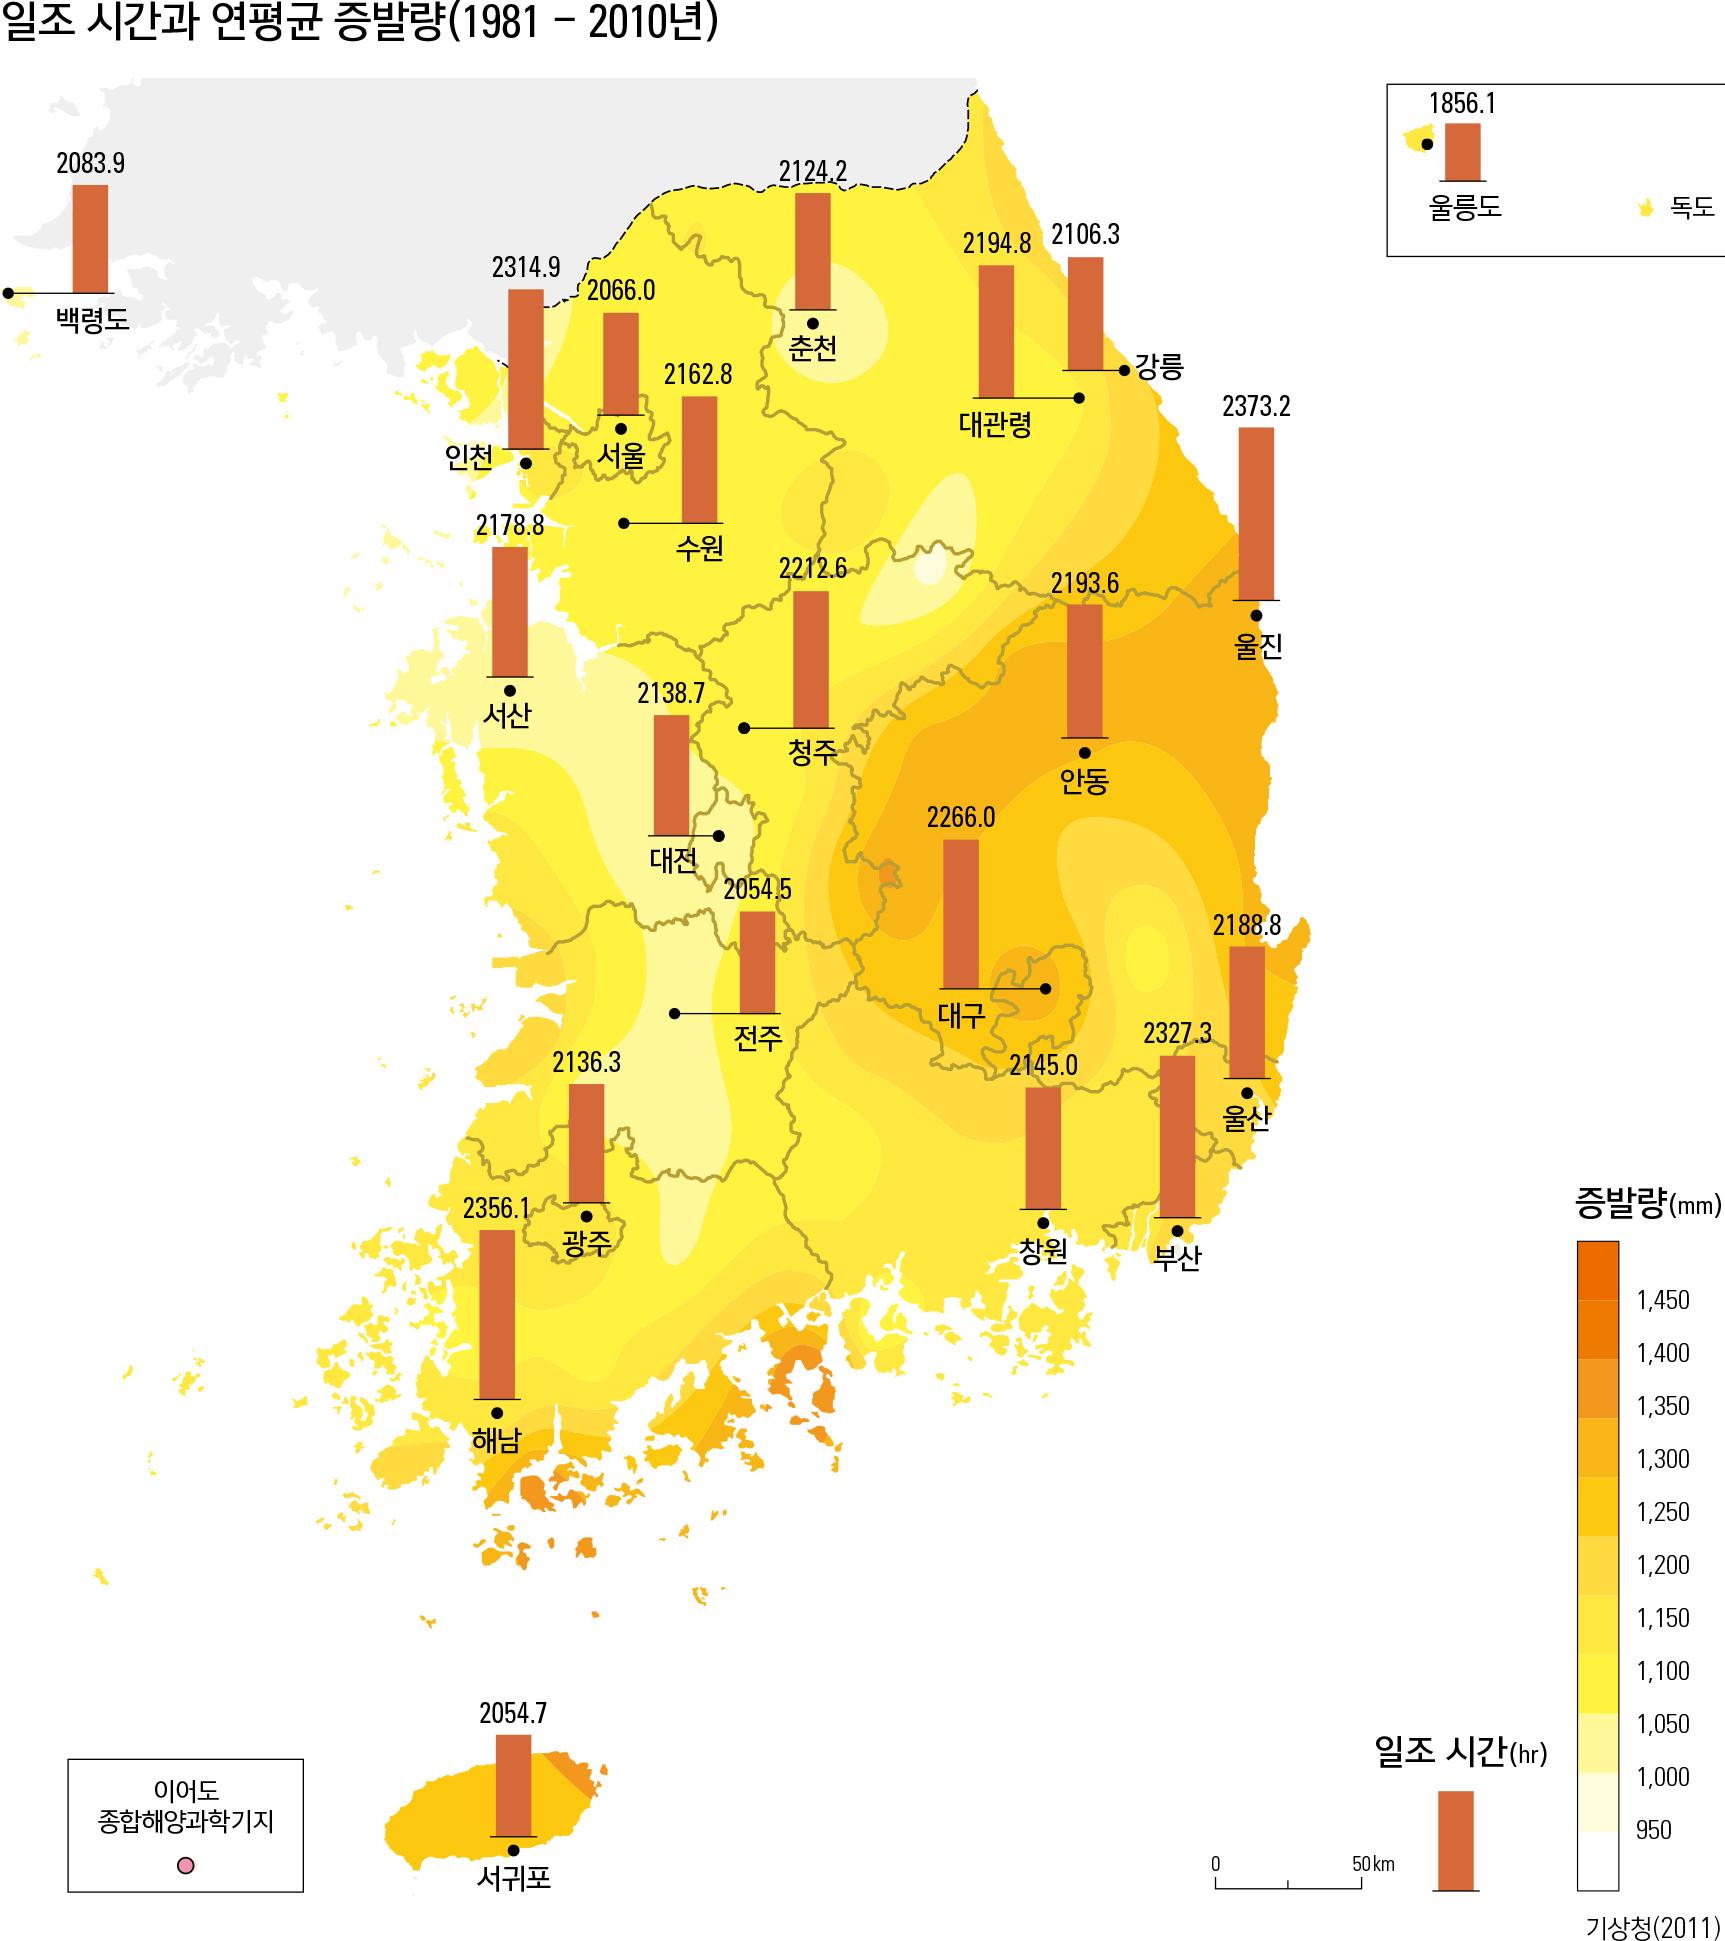 일조 시간과 연평균 증발량(1981 - 2010년)